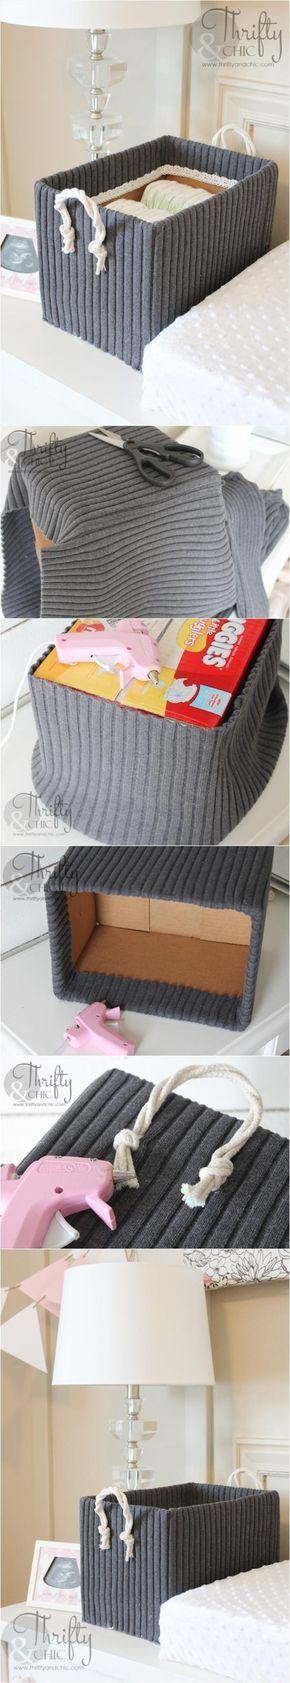 aus einem Karton und einem alten Pulli wird eine stylische Box / Cute Storage Boxes from Old Boxes and Sweaters | DIY Crafts Club